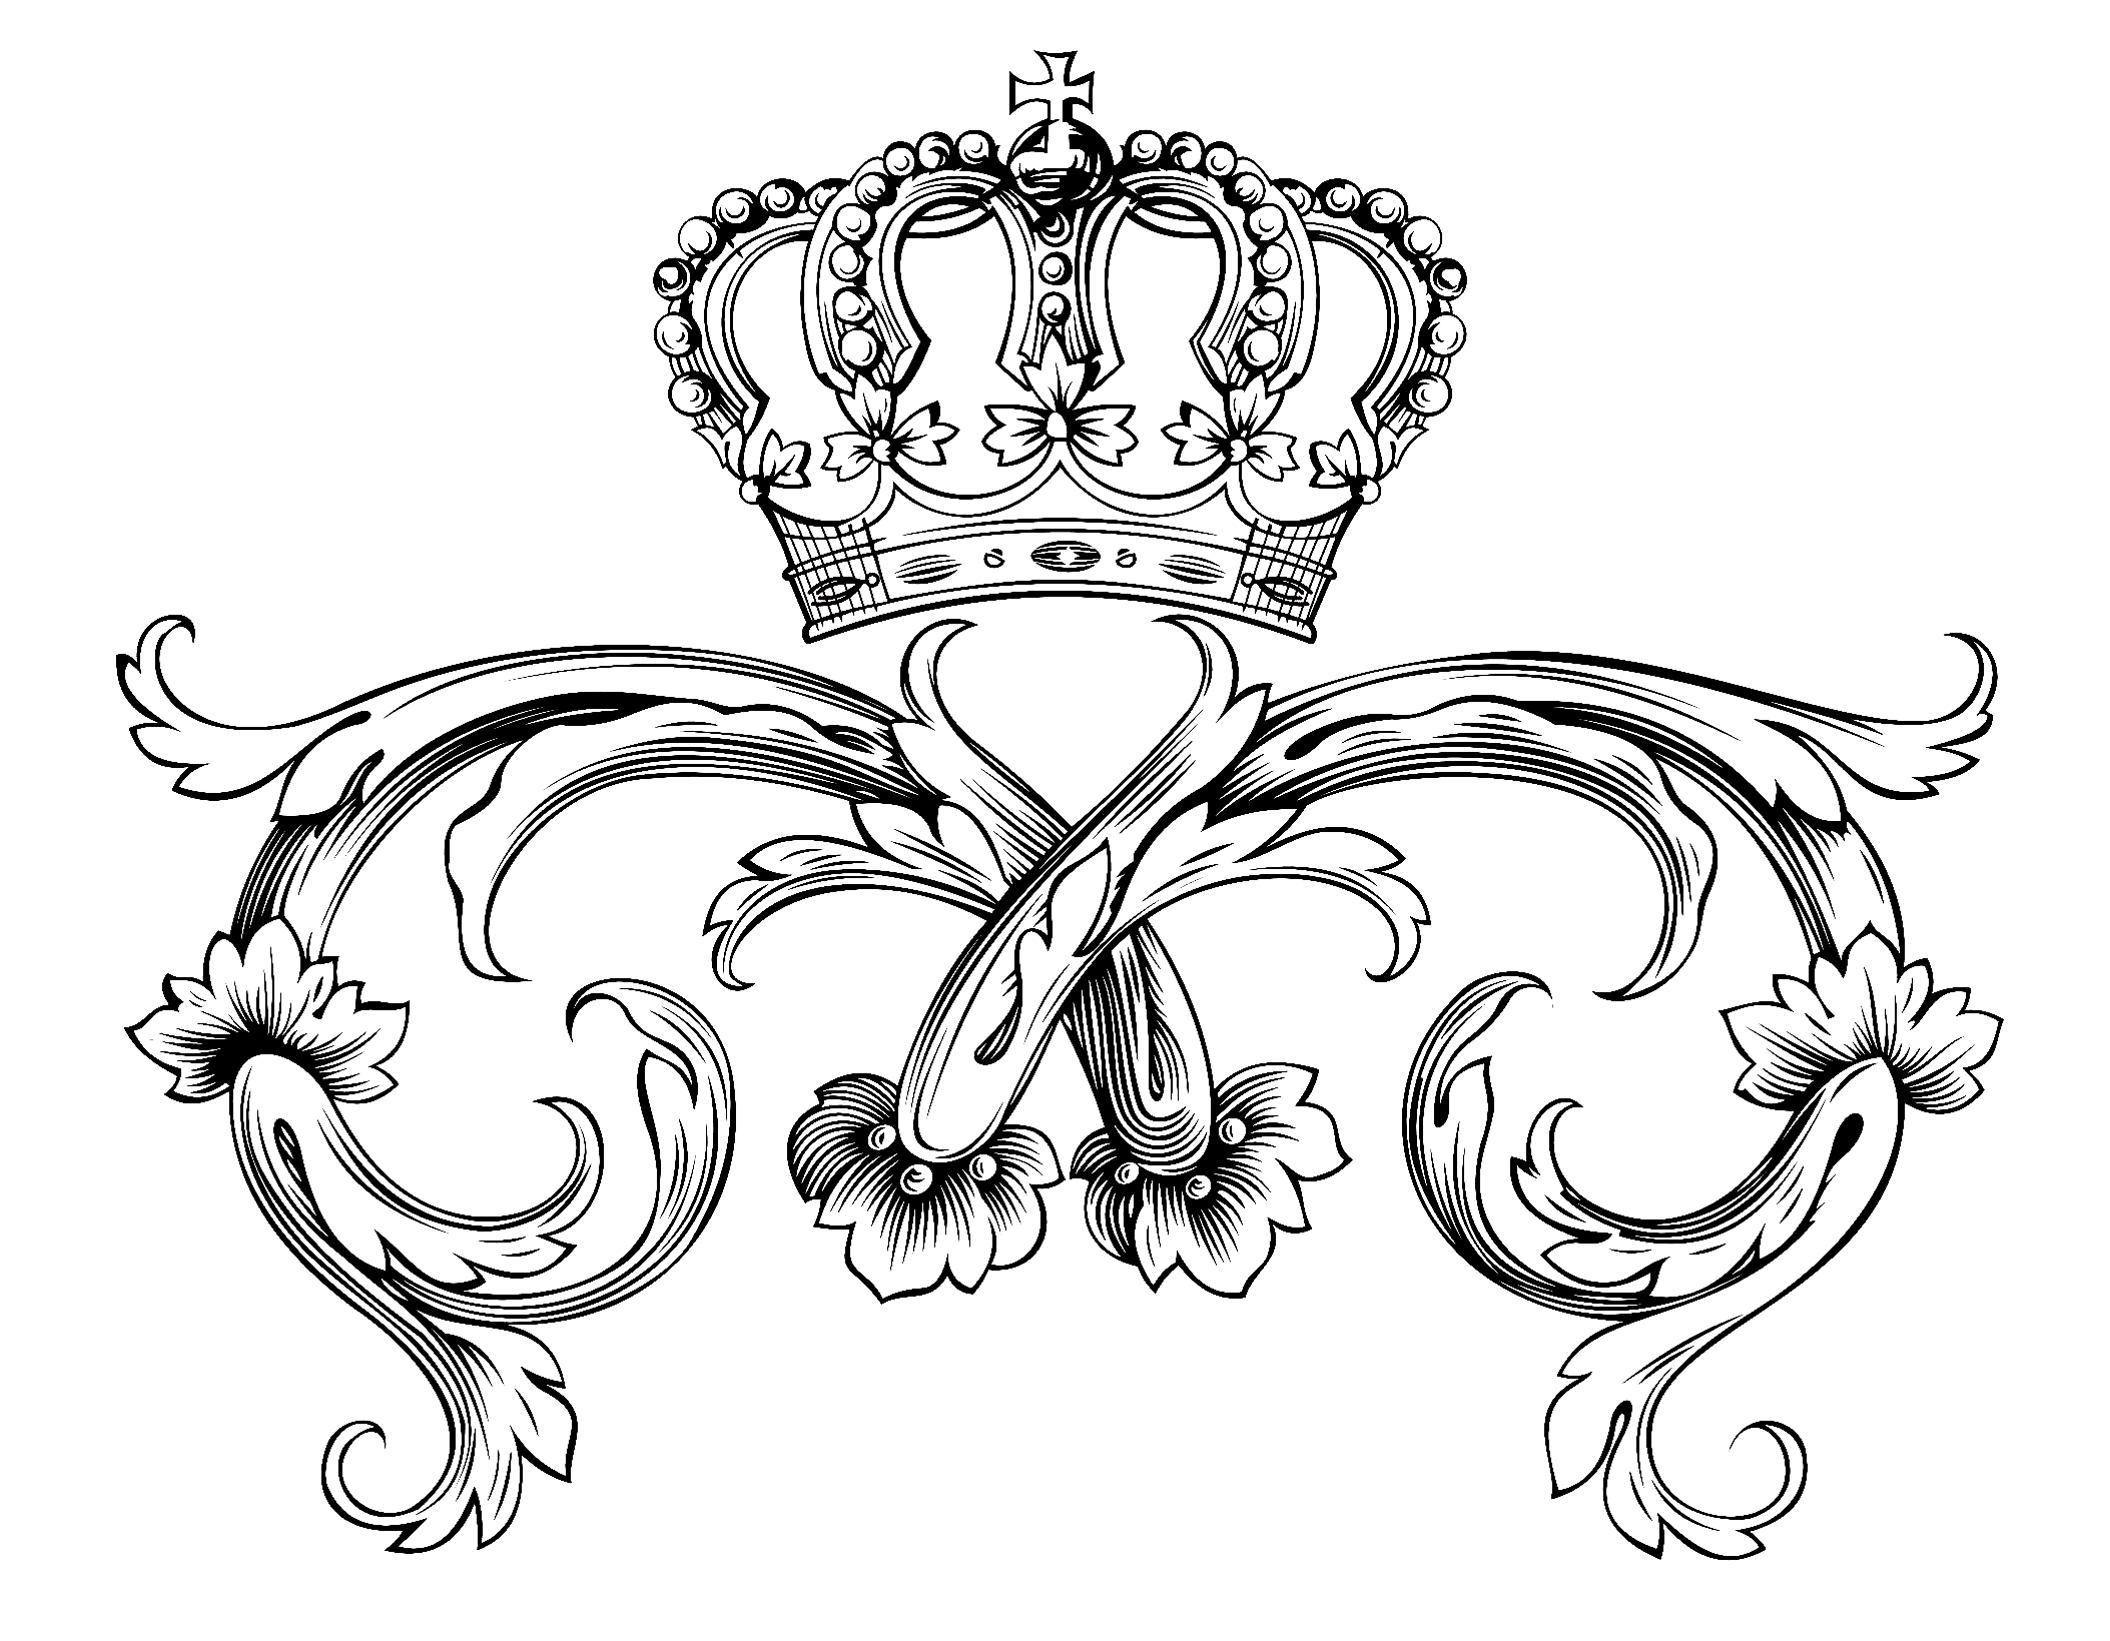 Disegni da colorare per adulti : Re e regine - 18